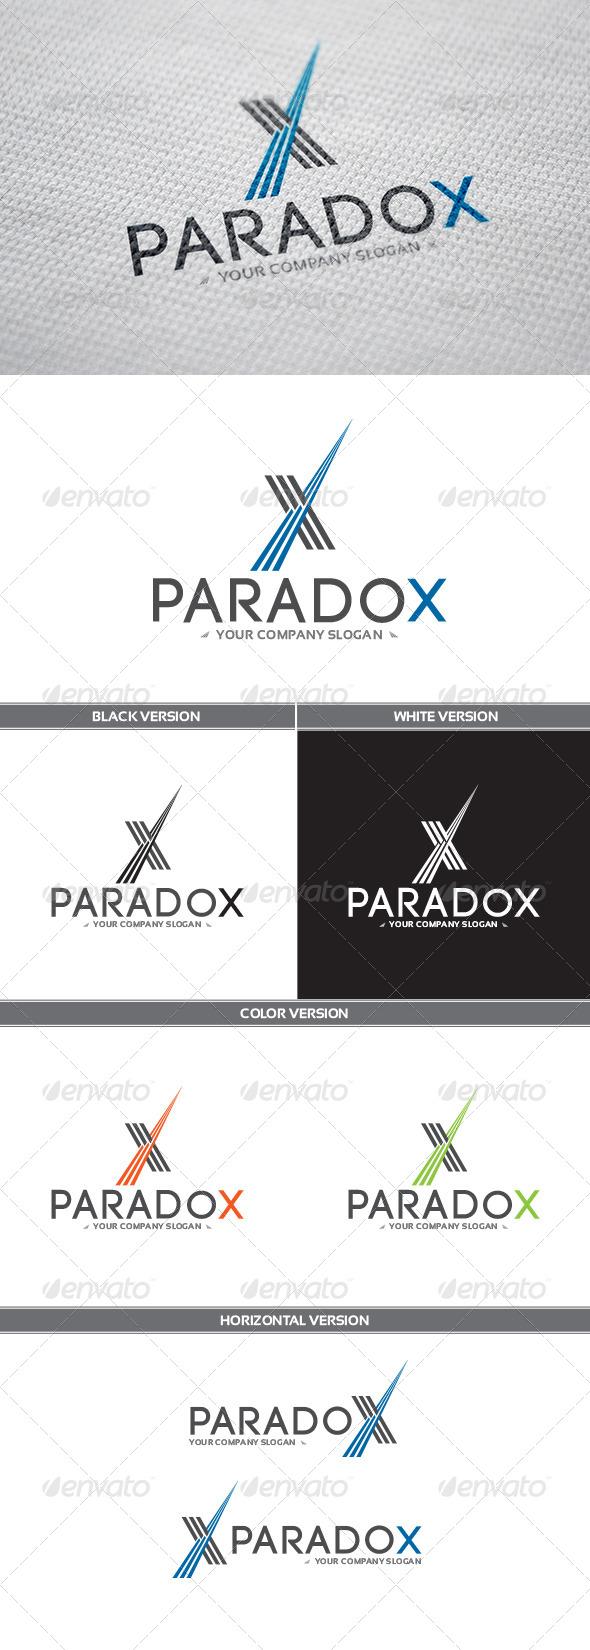 GraphicRiver ParadoX Logo 8321062